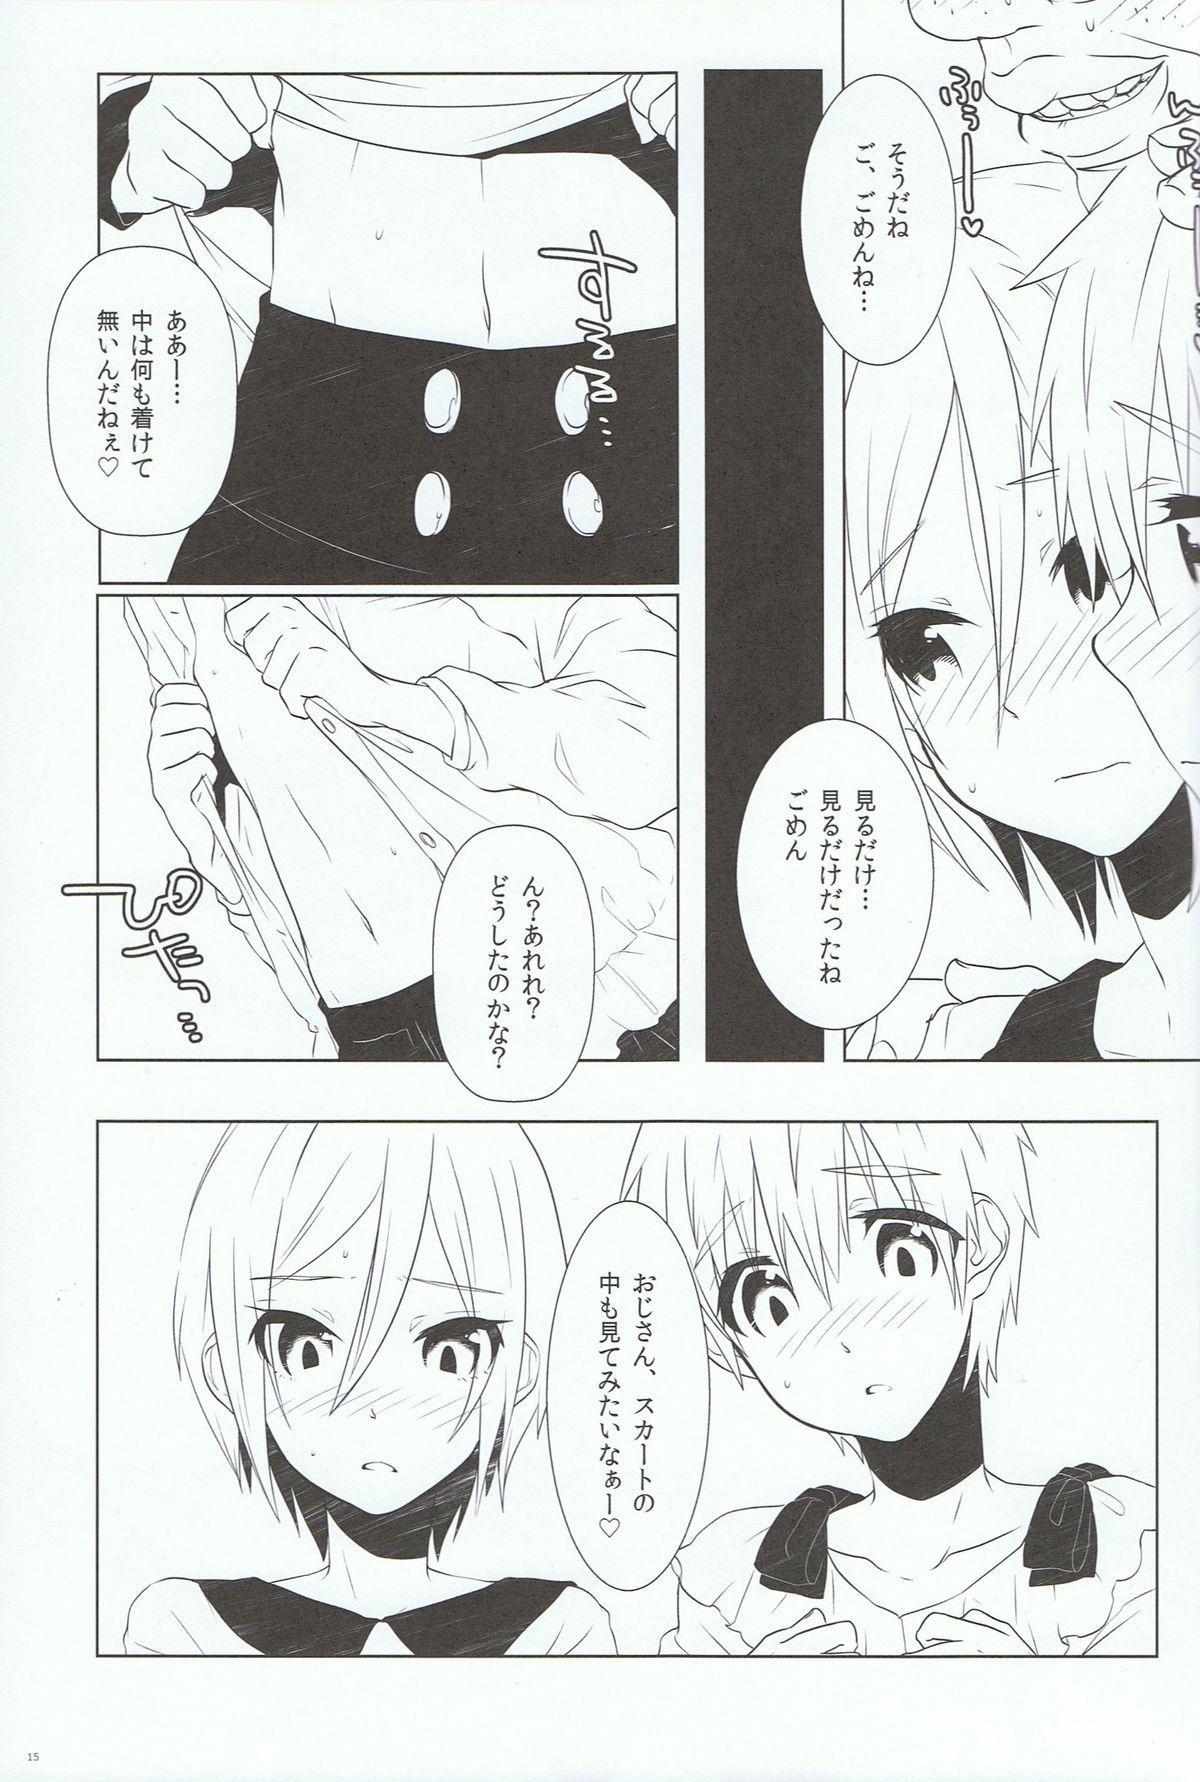 Ikenai Koto Shitai. 13